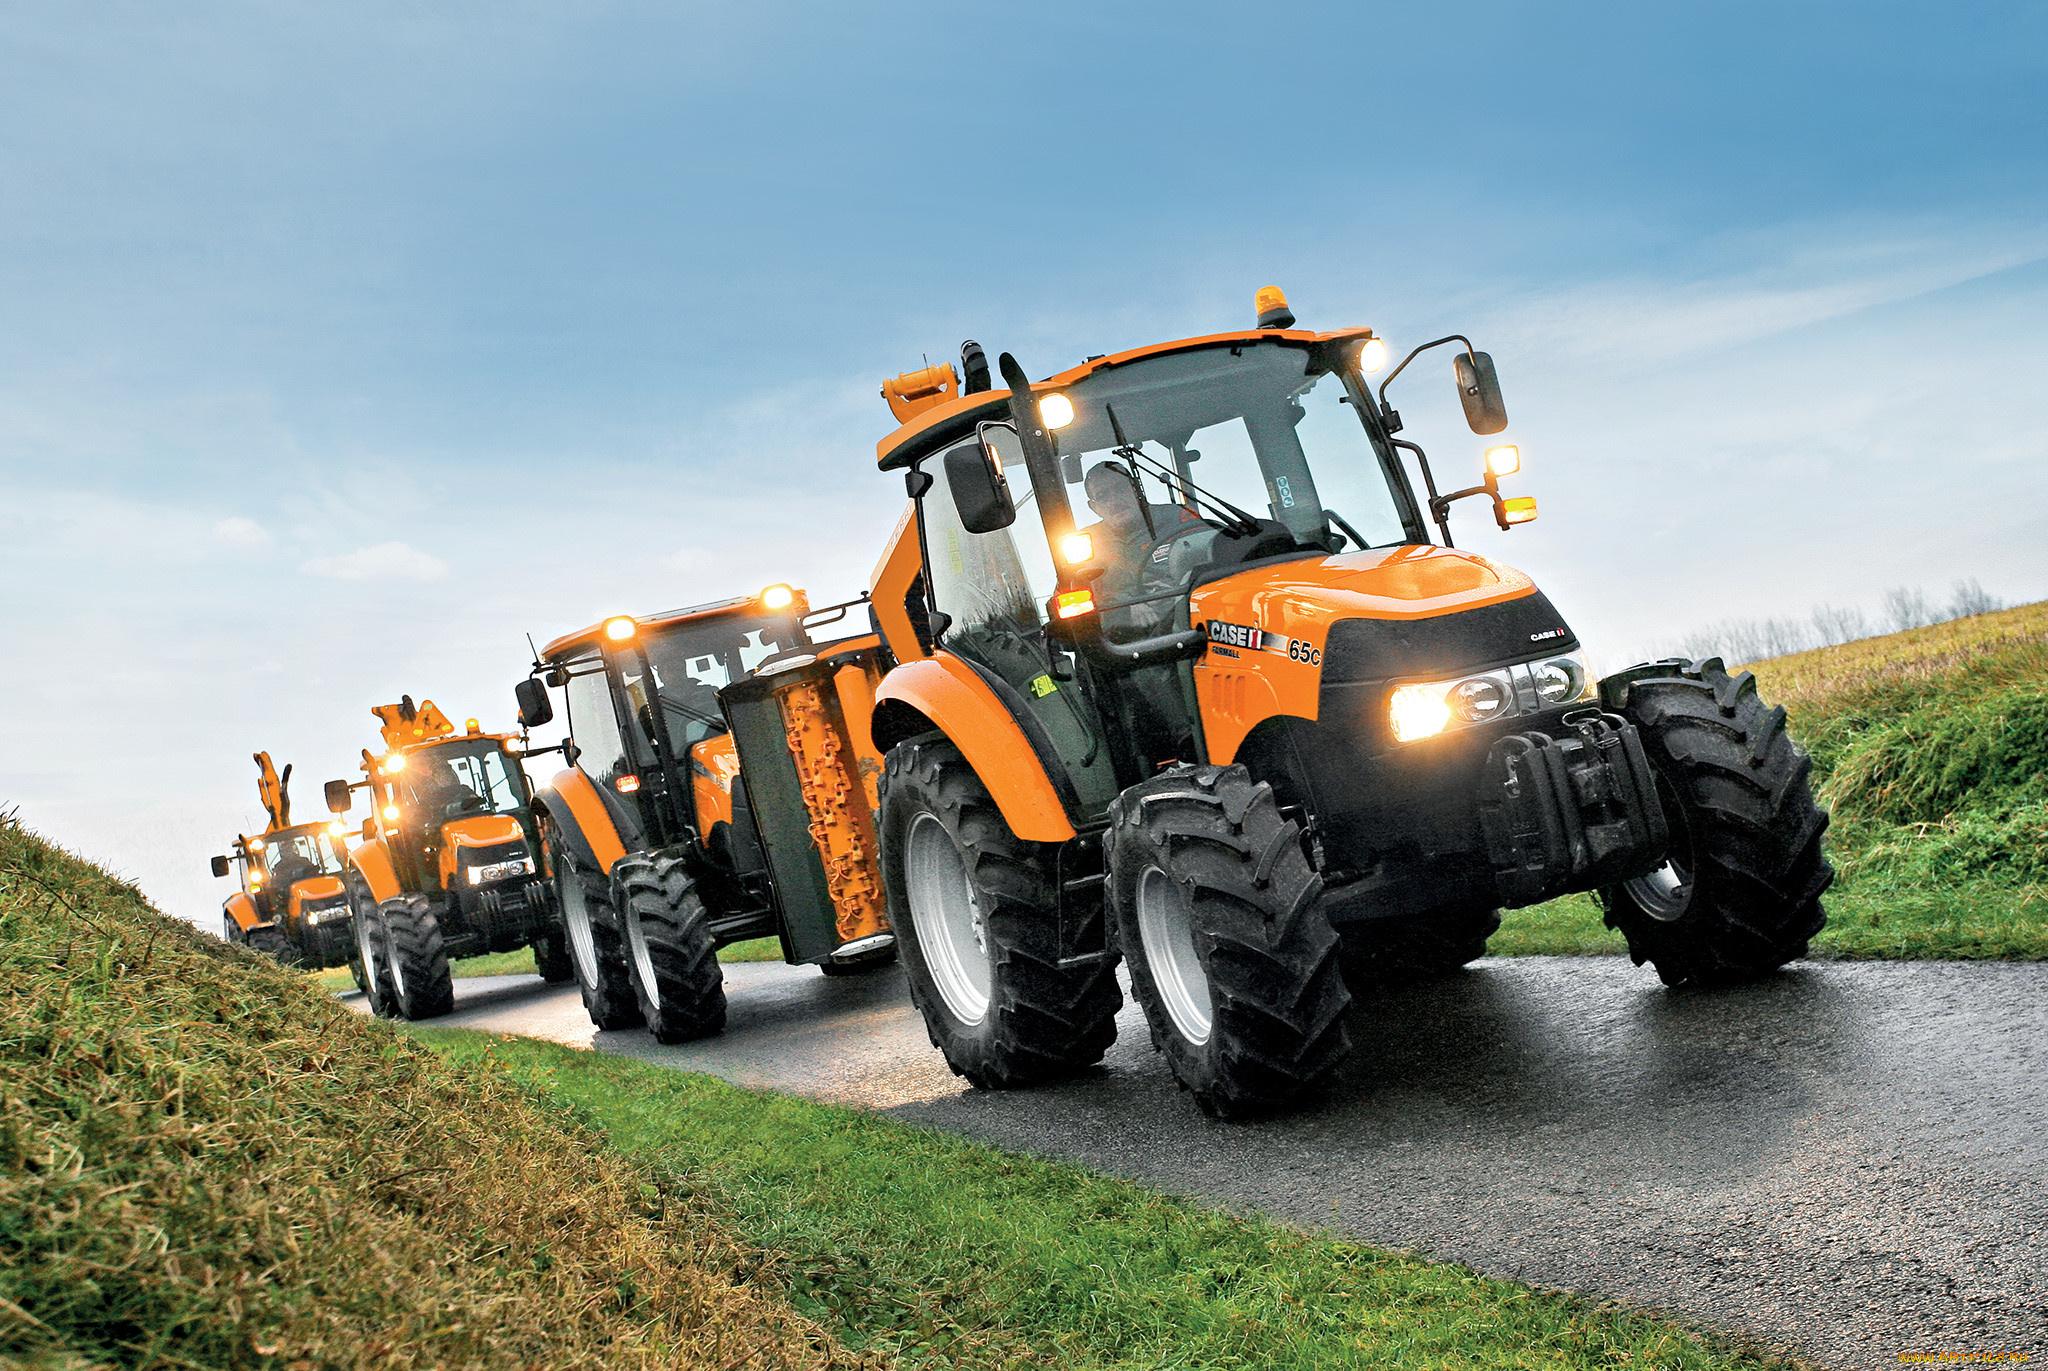 Продажа новой спецтехники трактора фото российской спецтехники